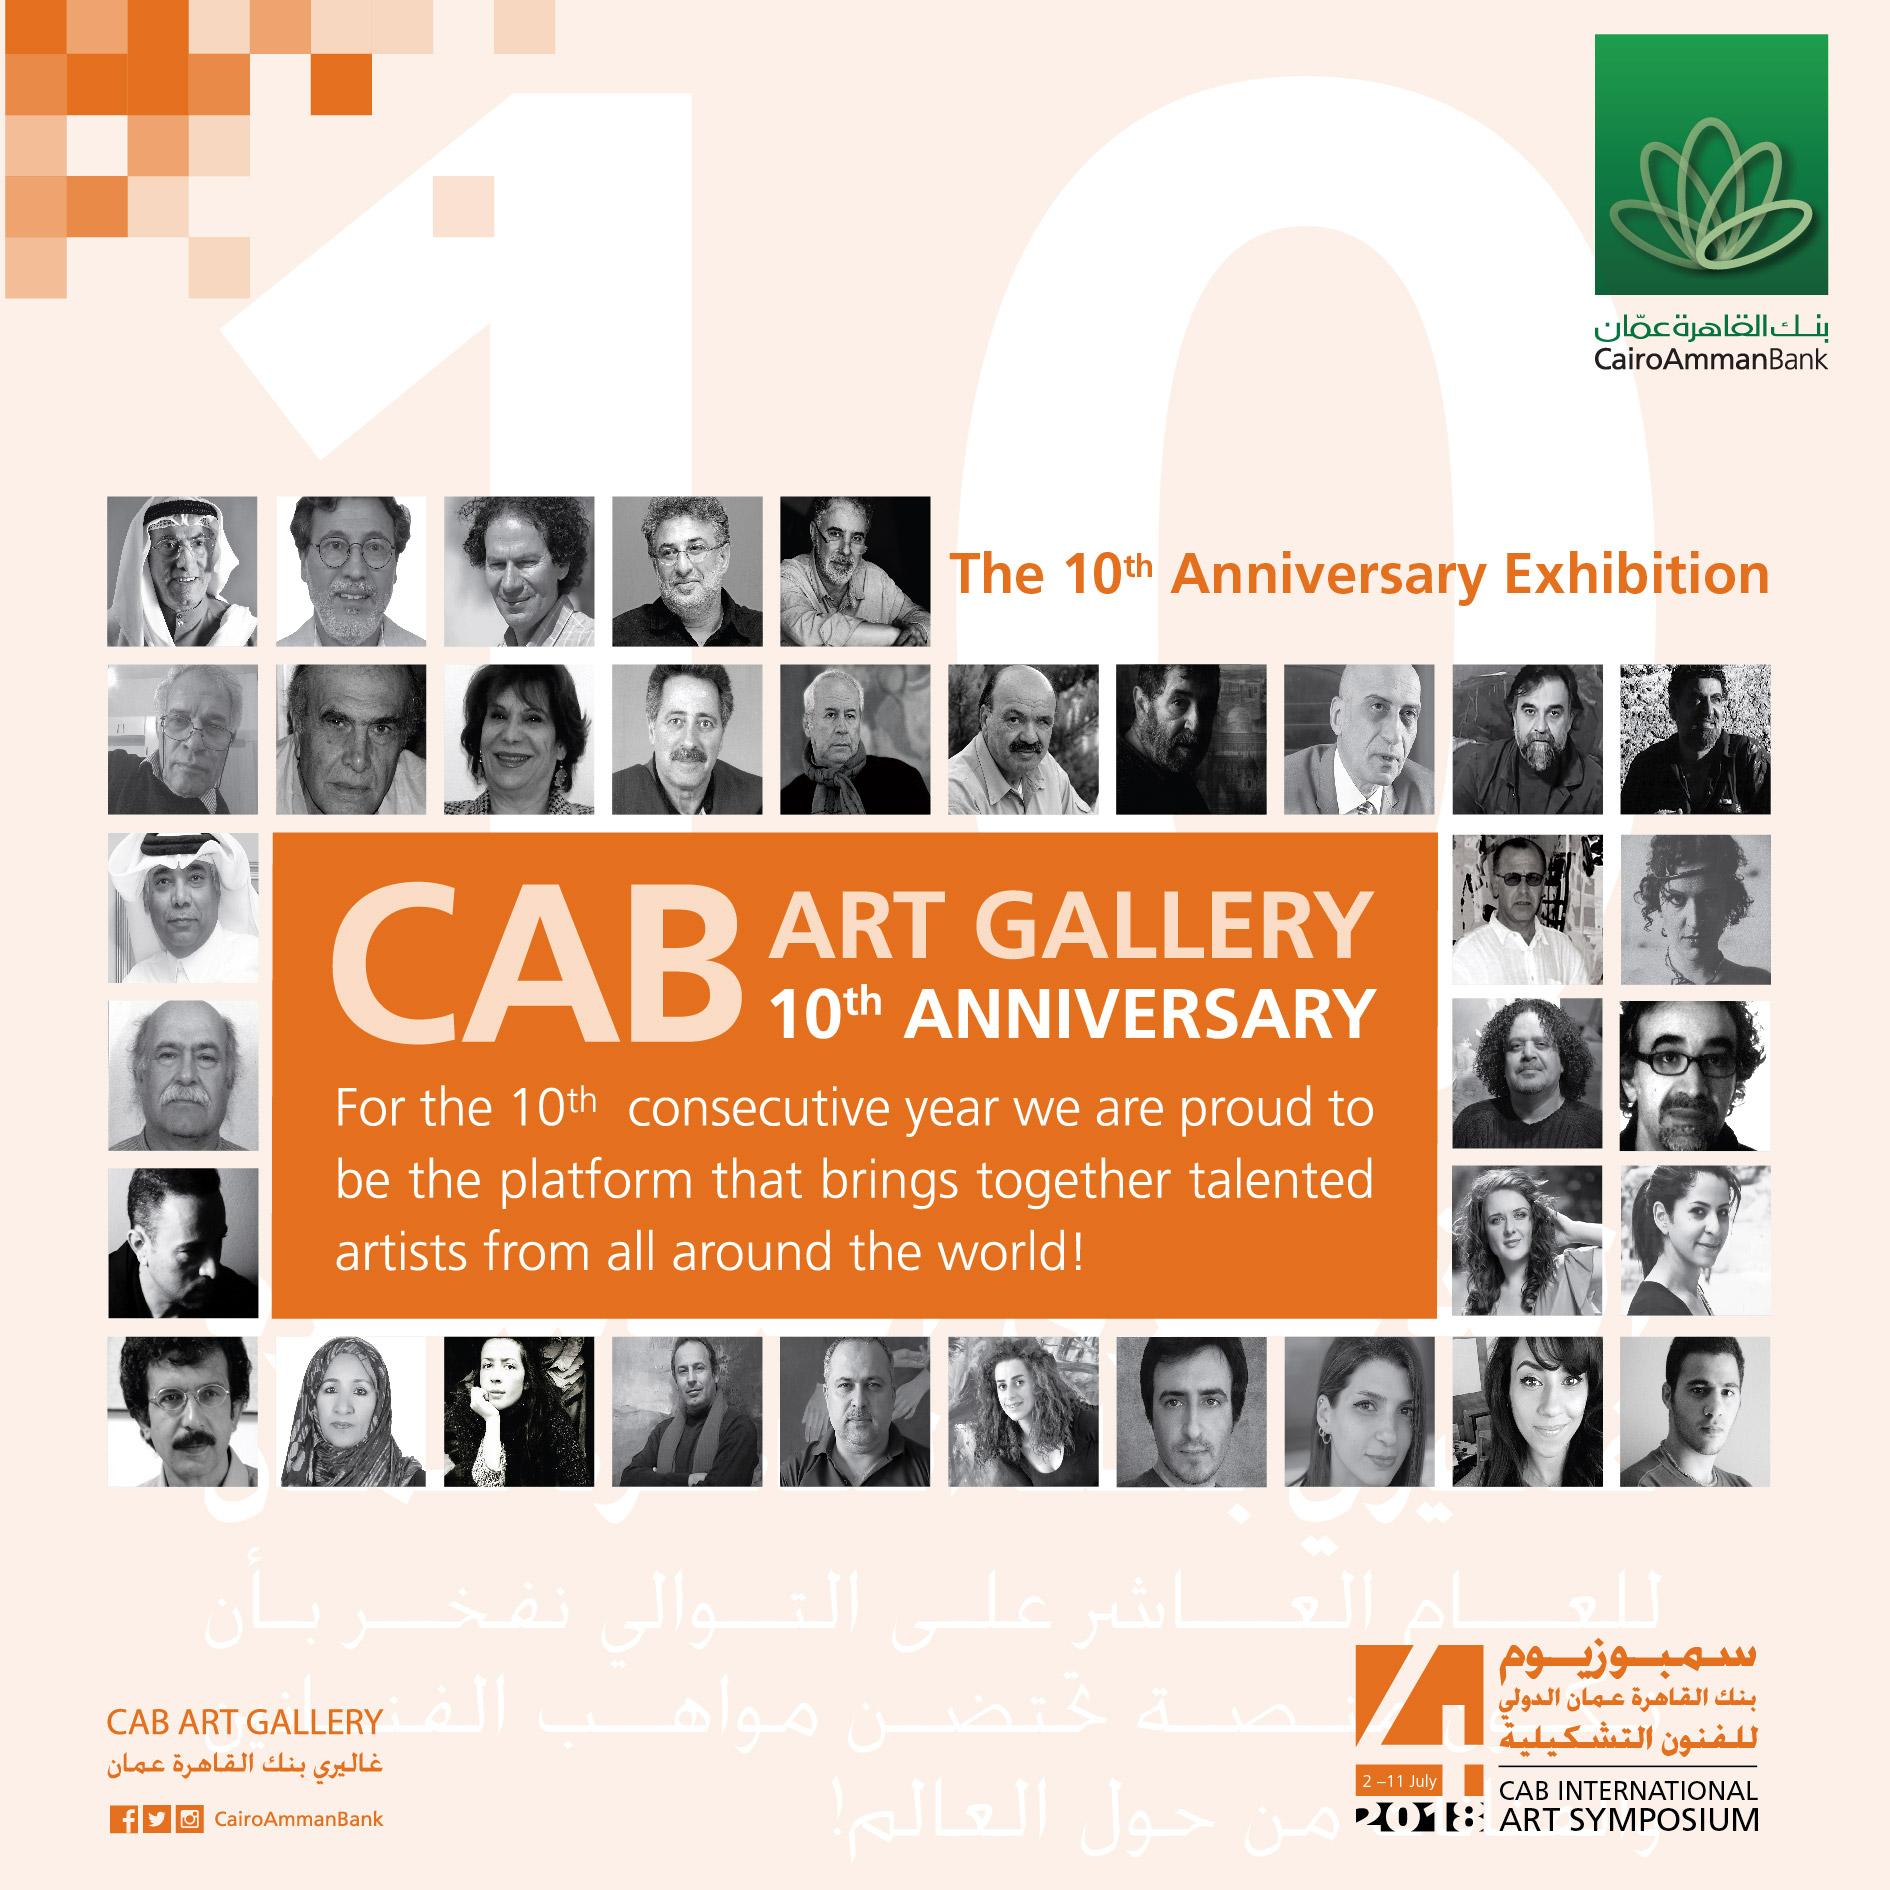 المعرض العربي بمناسبة الذكرى العاشرة لتأسيس غاليري بنك القاهرة عمان